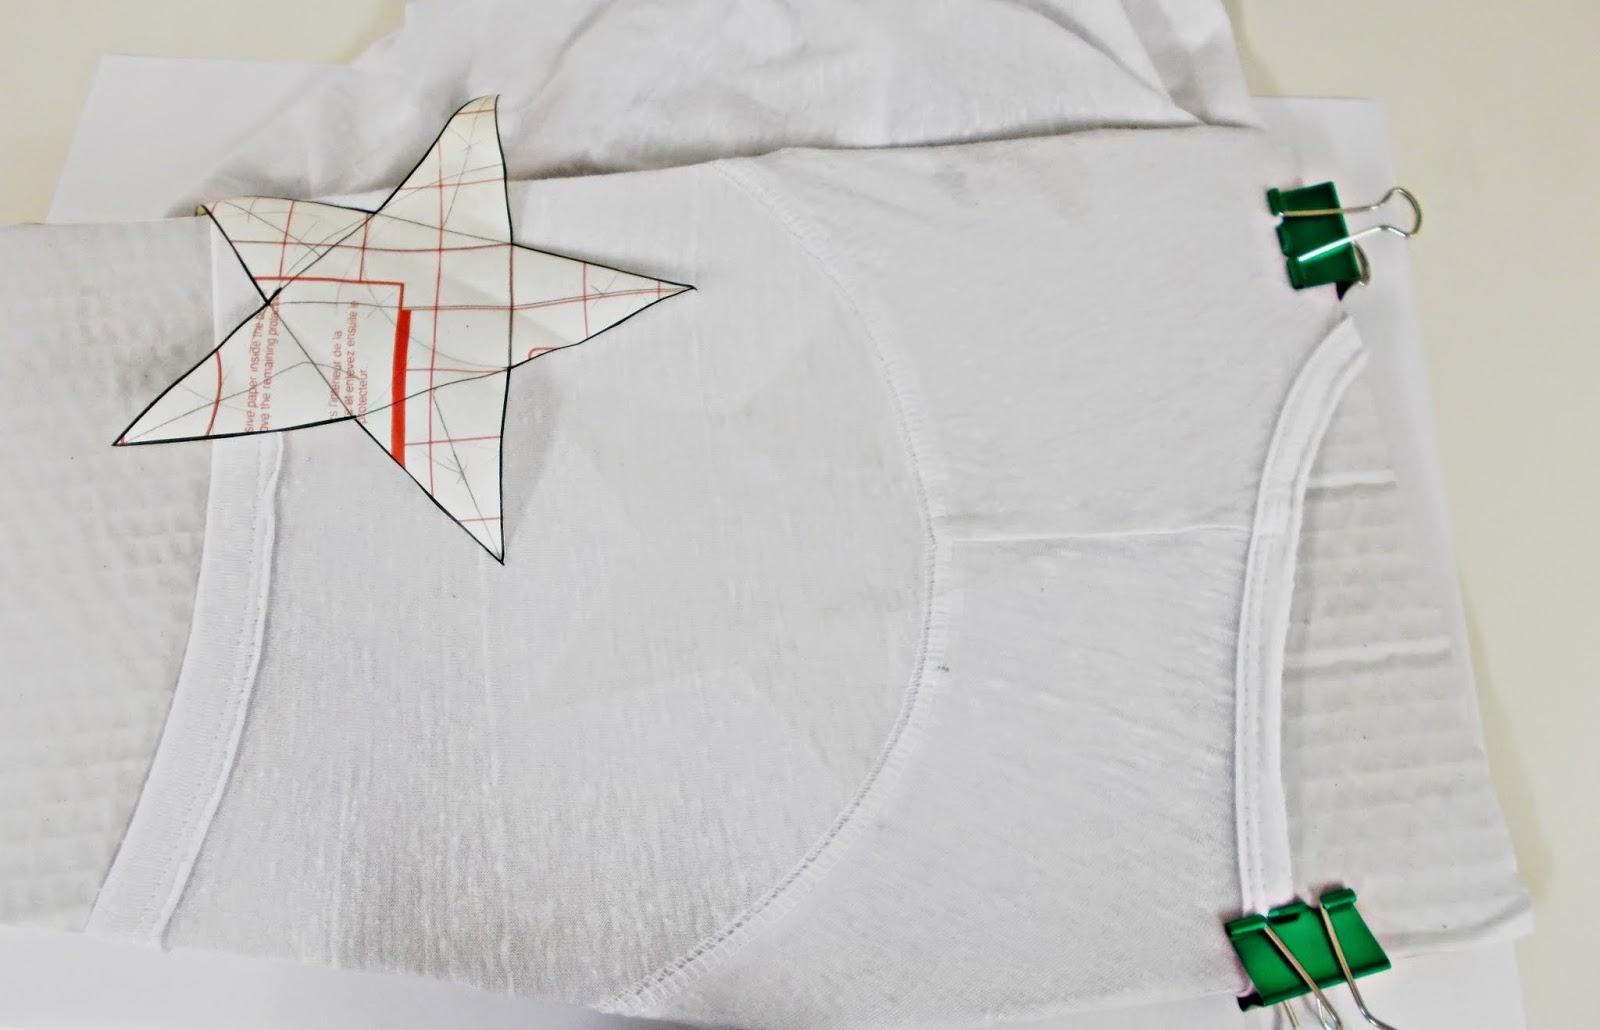 DIY-camiseta-pintada-estarcido-sello-tinta-estrella-DIYviertete-3